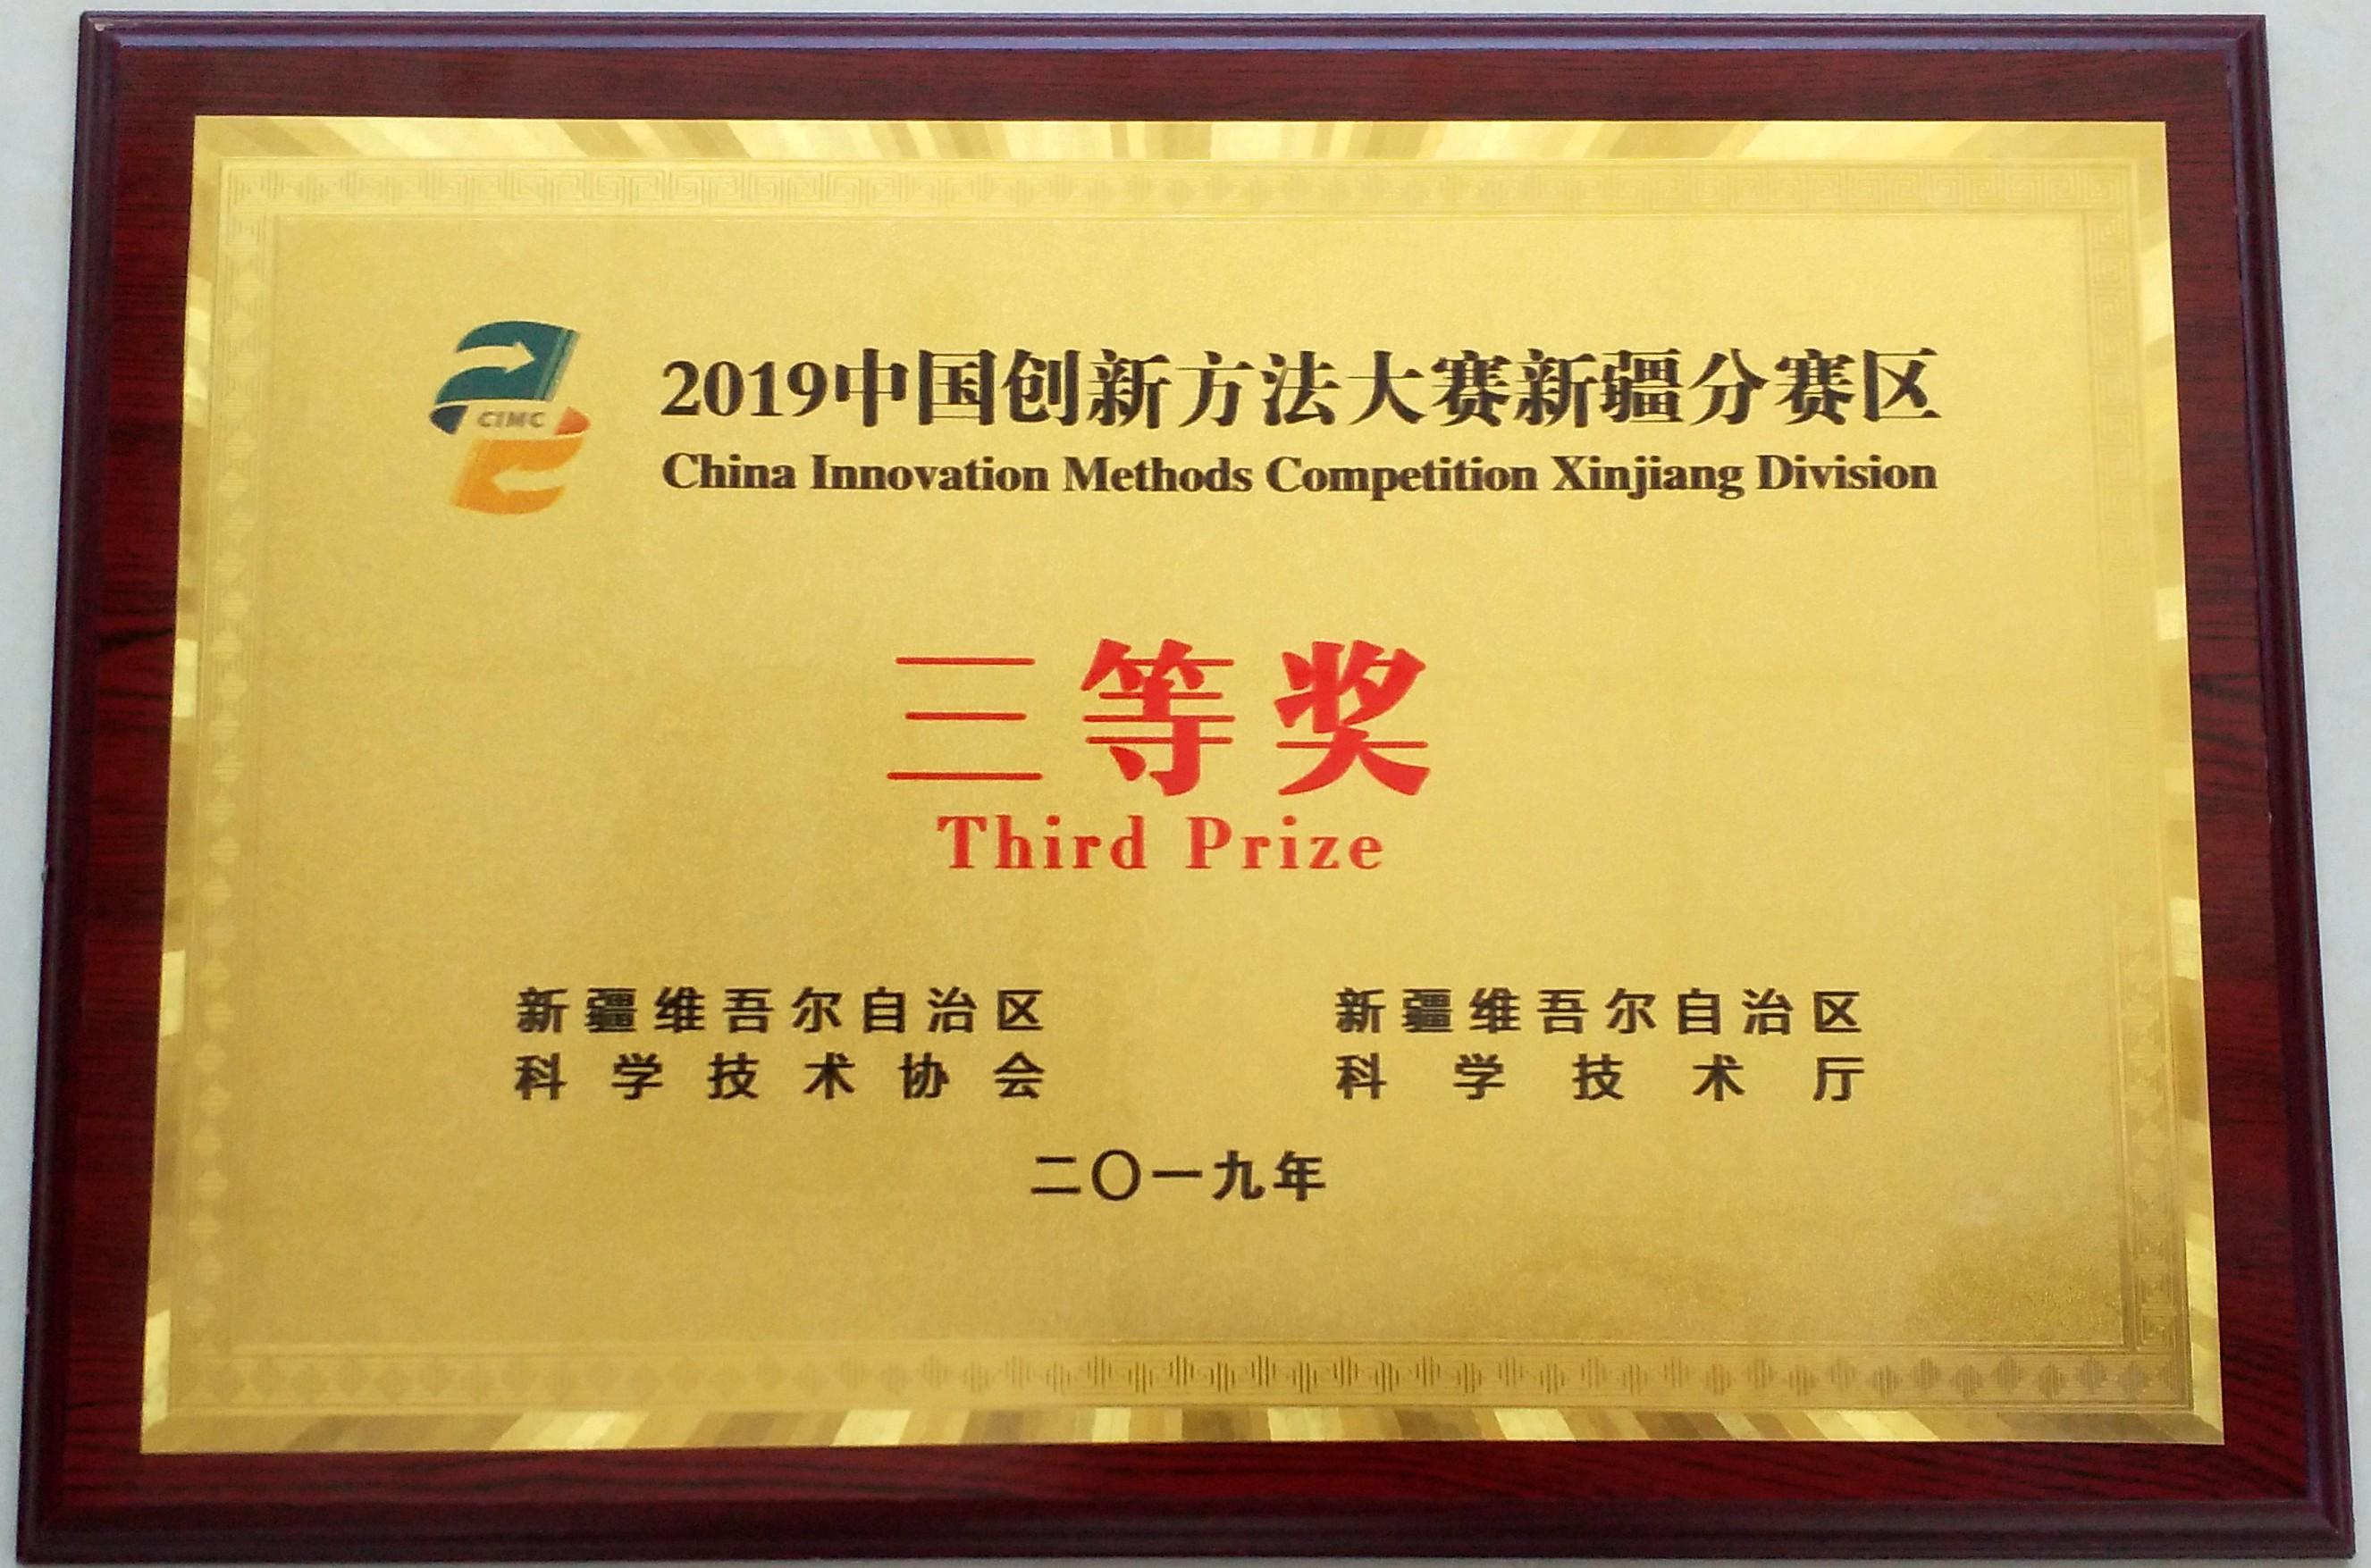 西域牧歌公司获得新疆赛区三等奖